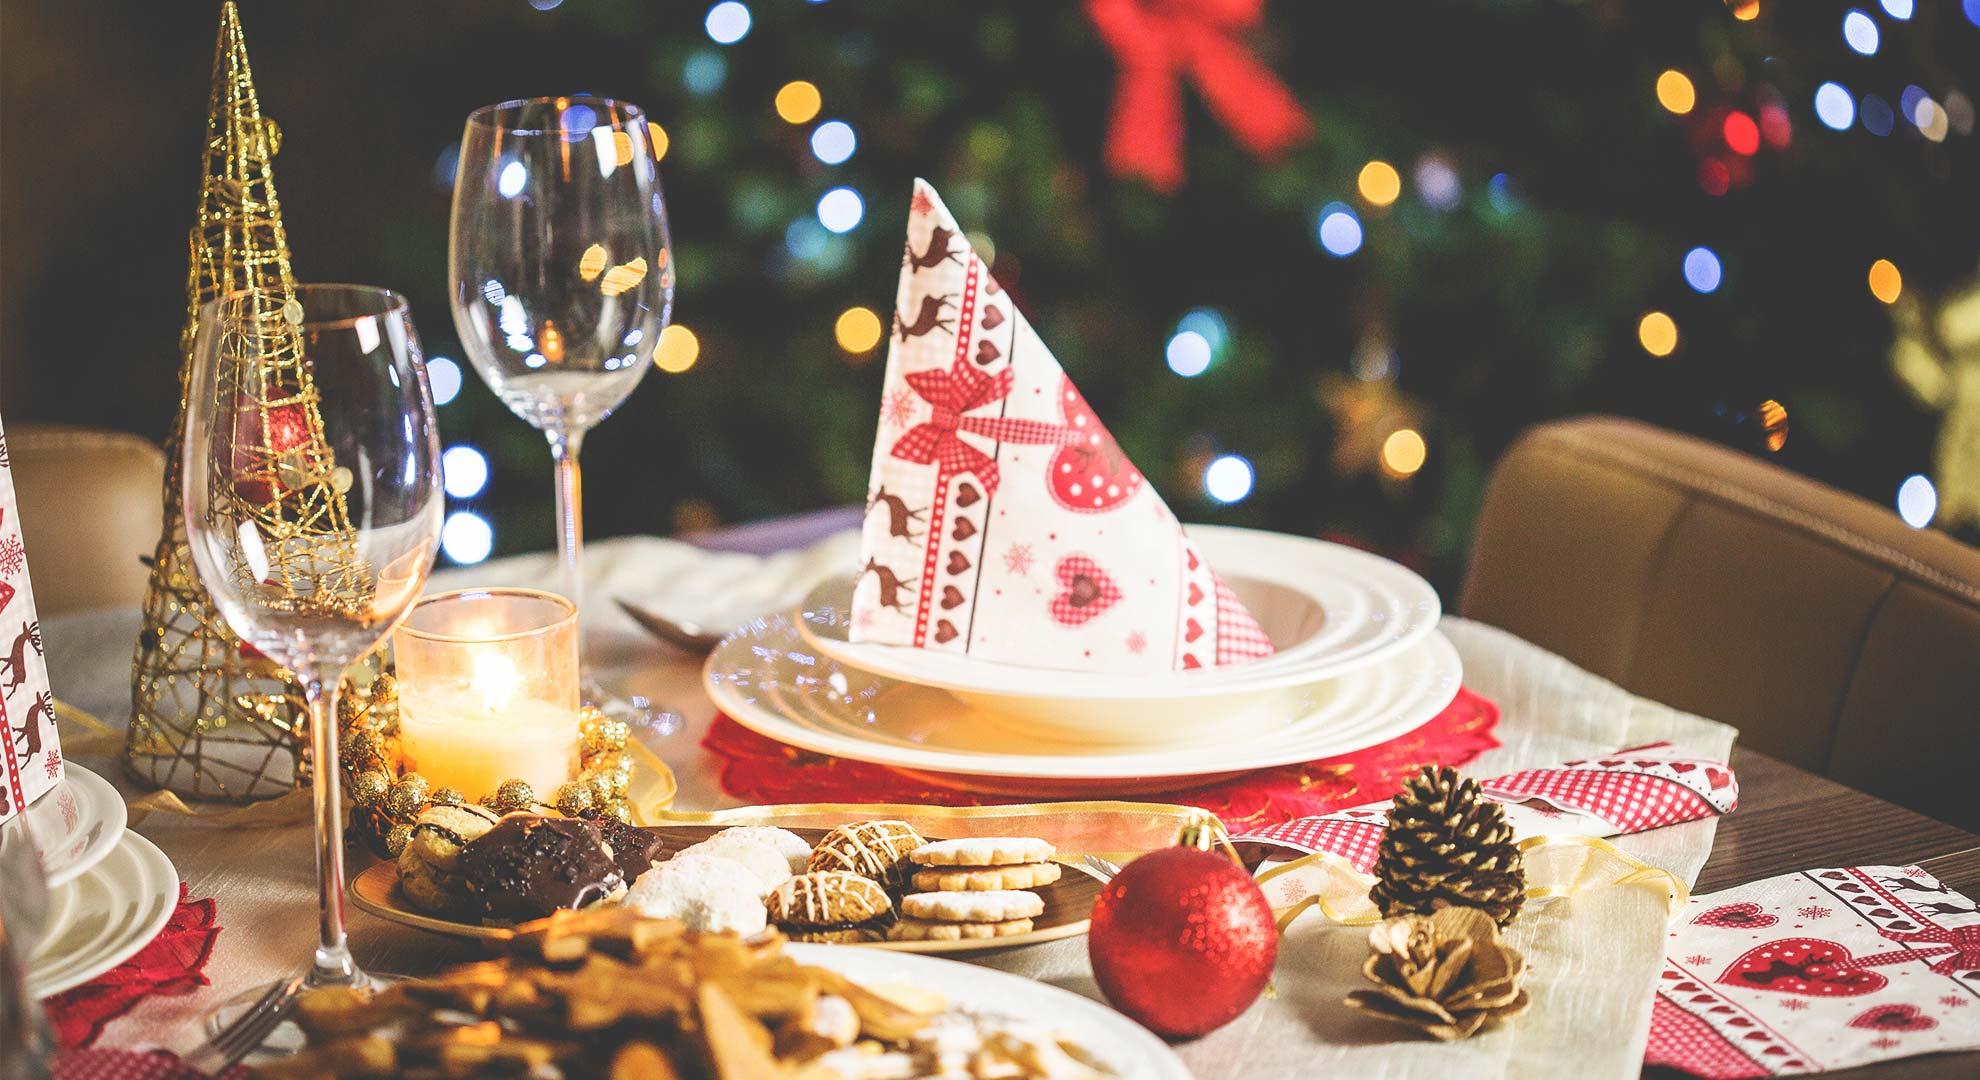 Hoe maak je van de feestdagen een feestje?